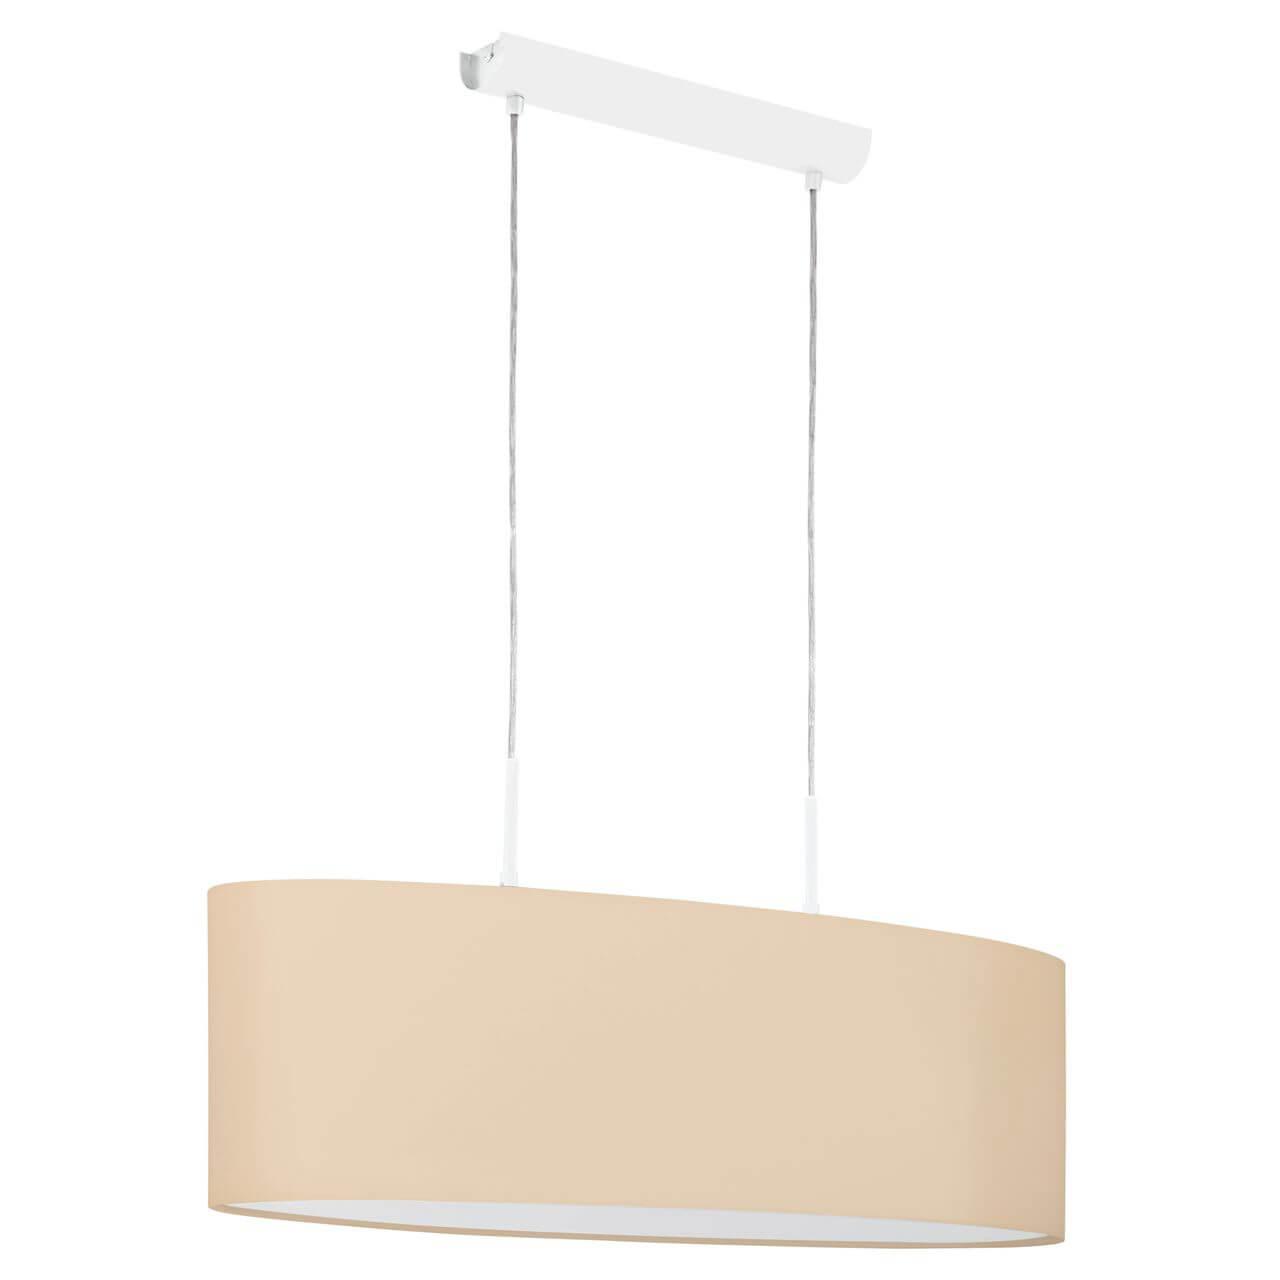 Подвесной светильник Eglo 97563, E27, 60 Вт подвесной светильник eglo pasteri 31577